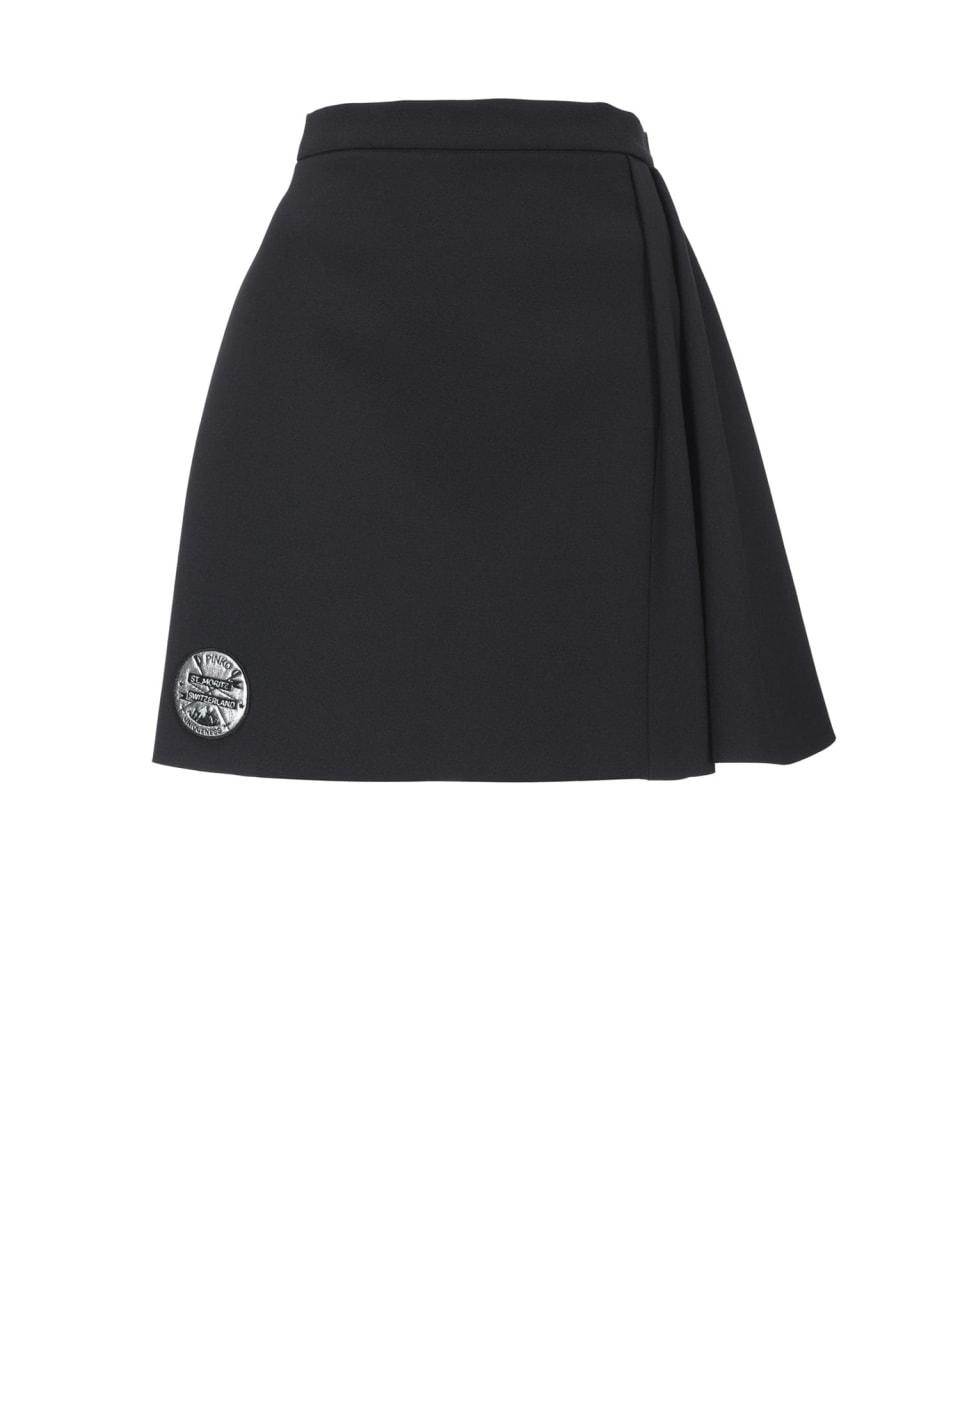 ボンデッド クレープ製 ミニスカート